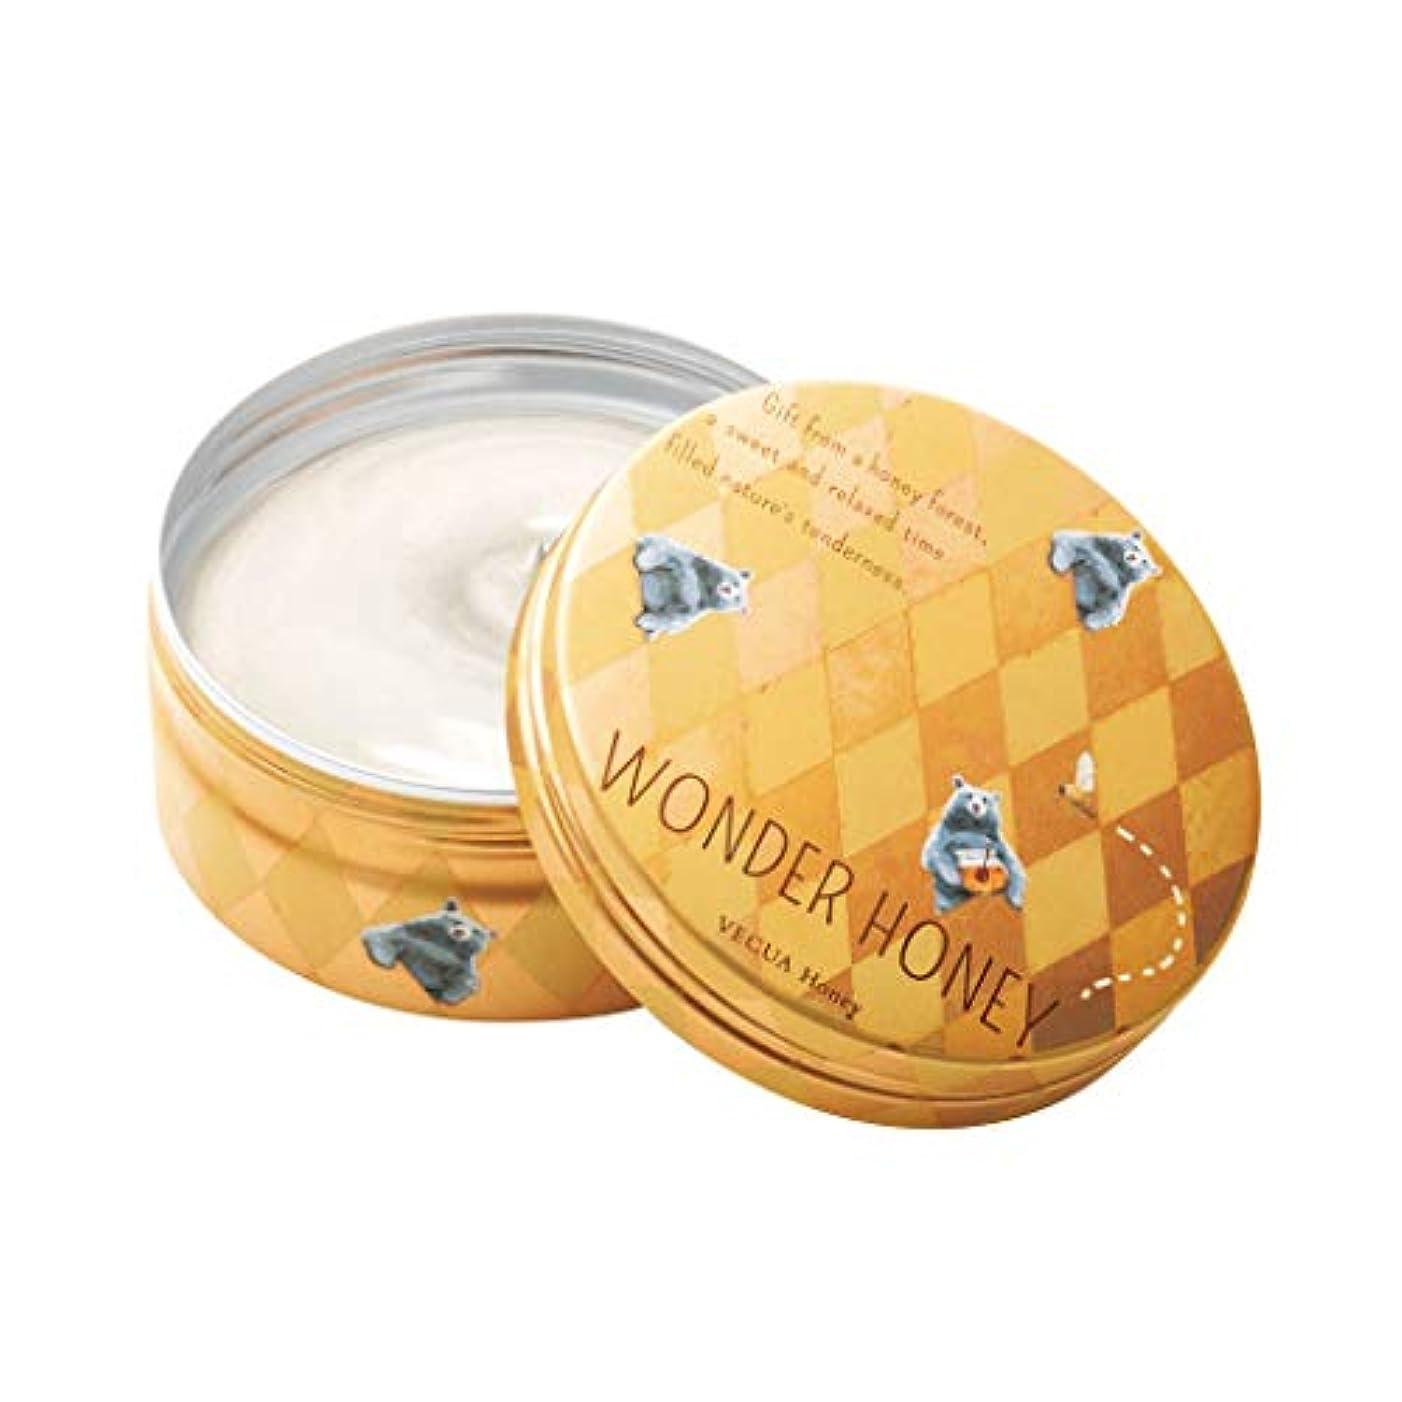 横風邪をひくブレスベキュア ハニー(VECUA Honey) ワンダーハニー 濃蜜マルシェのクリームバーム アーガイル 75g